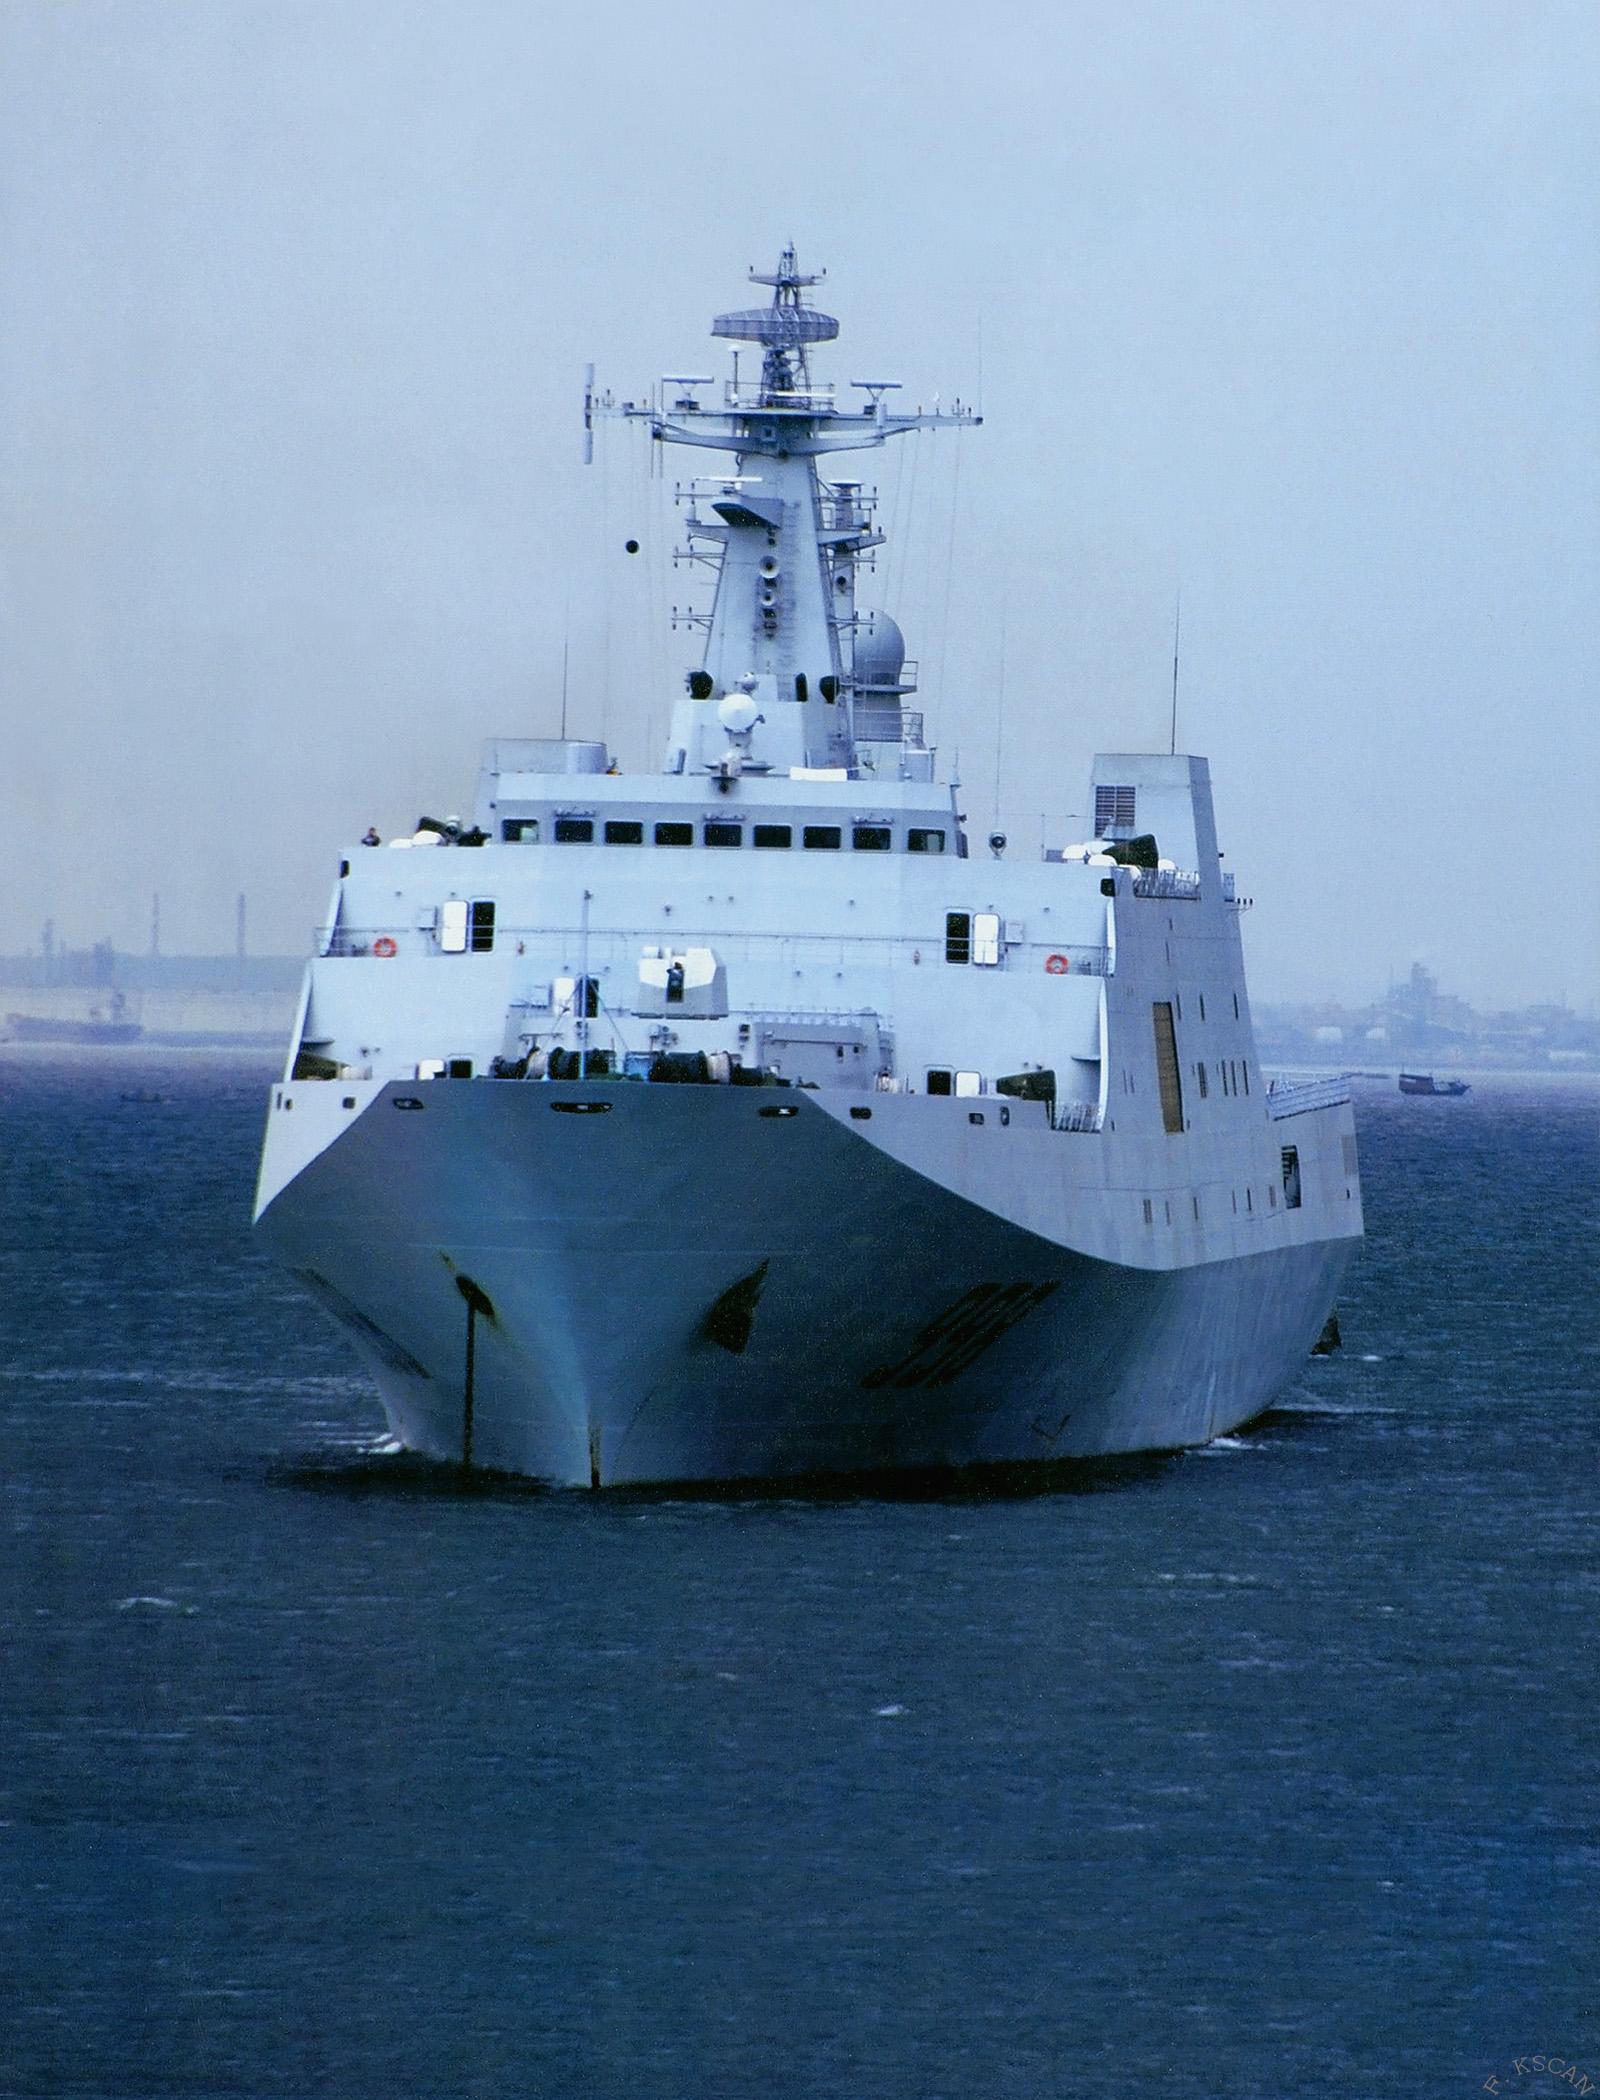 071型船坞登陆舰_022导弹艇群迎面扑来 南海利剑锋芒展露_军事_环球网